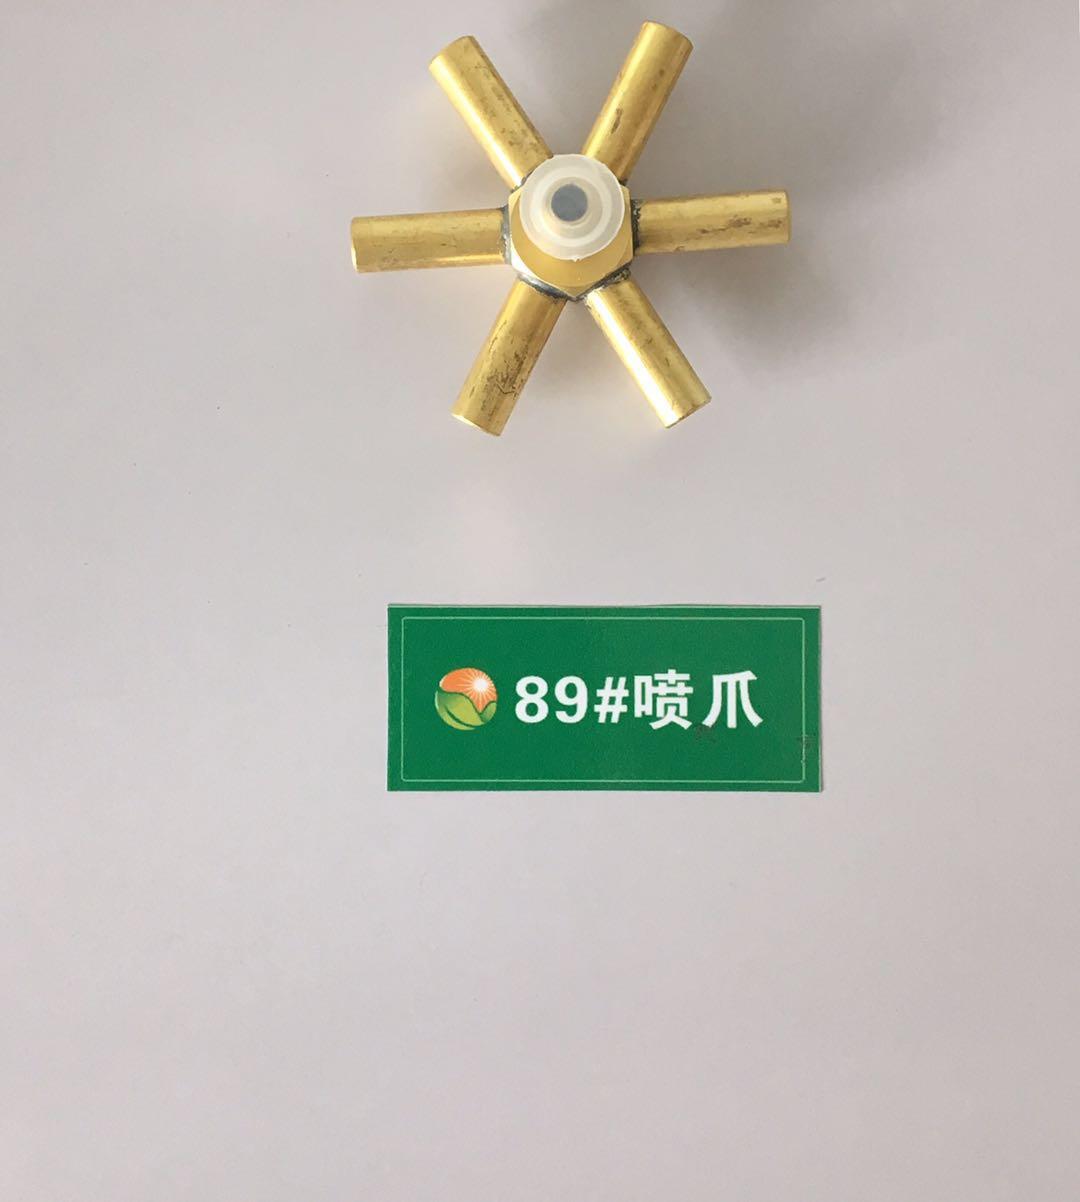 甘孜州乙醇汽油地址